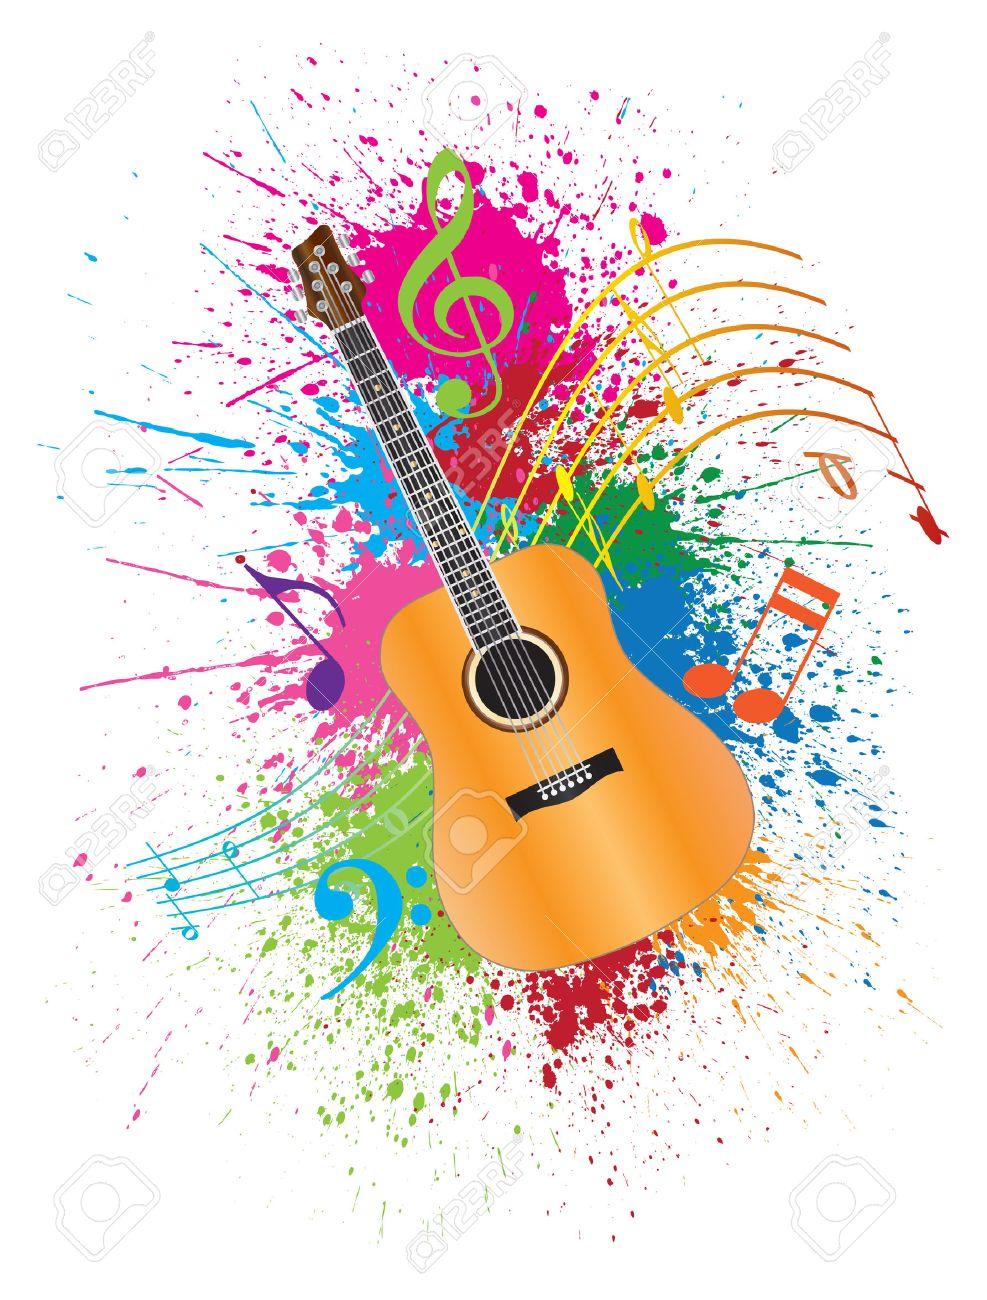 guitare acoustique avec les notes de musique et de peinture illustration splatter resume effet de couleur